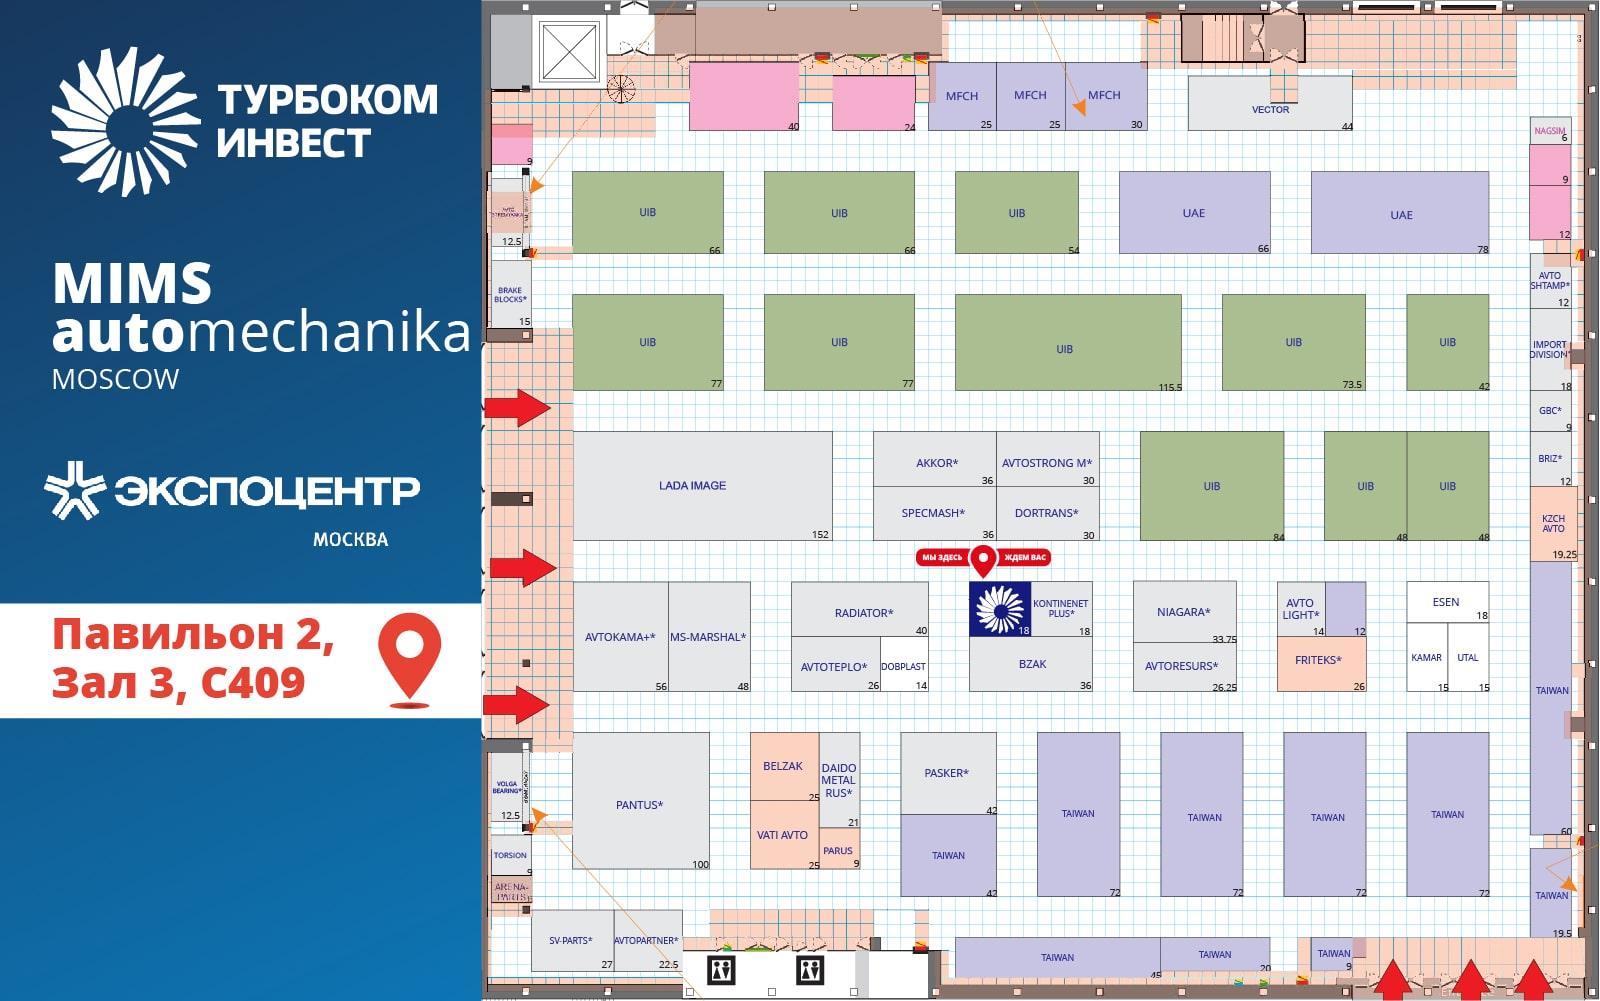 Турбоком-Инвест на выставке MIMS Automechanika Moscow 2021